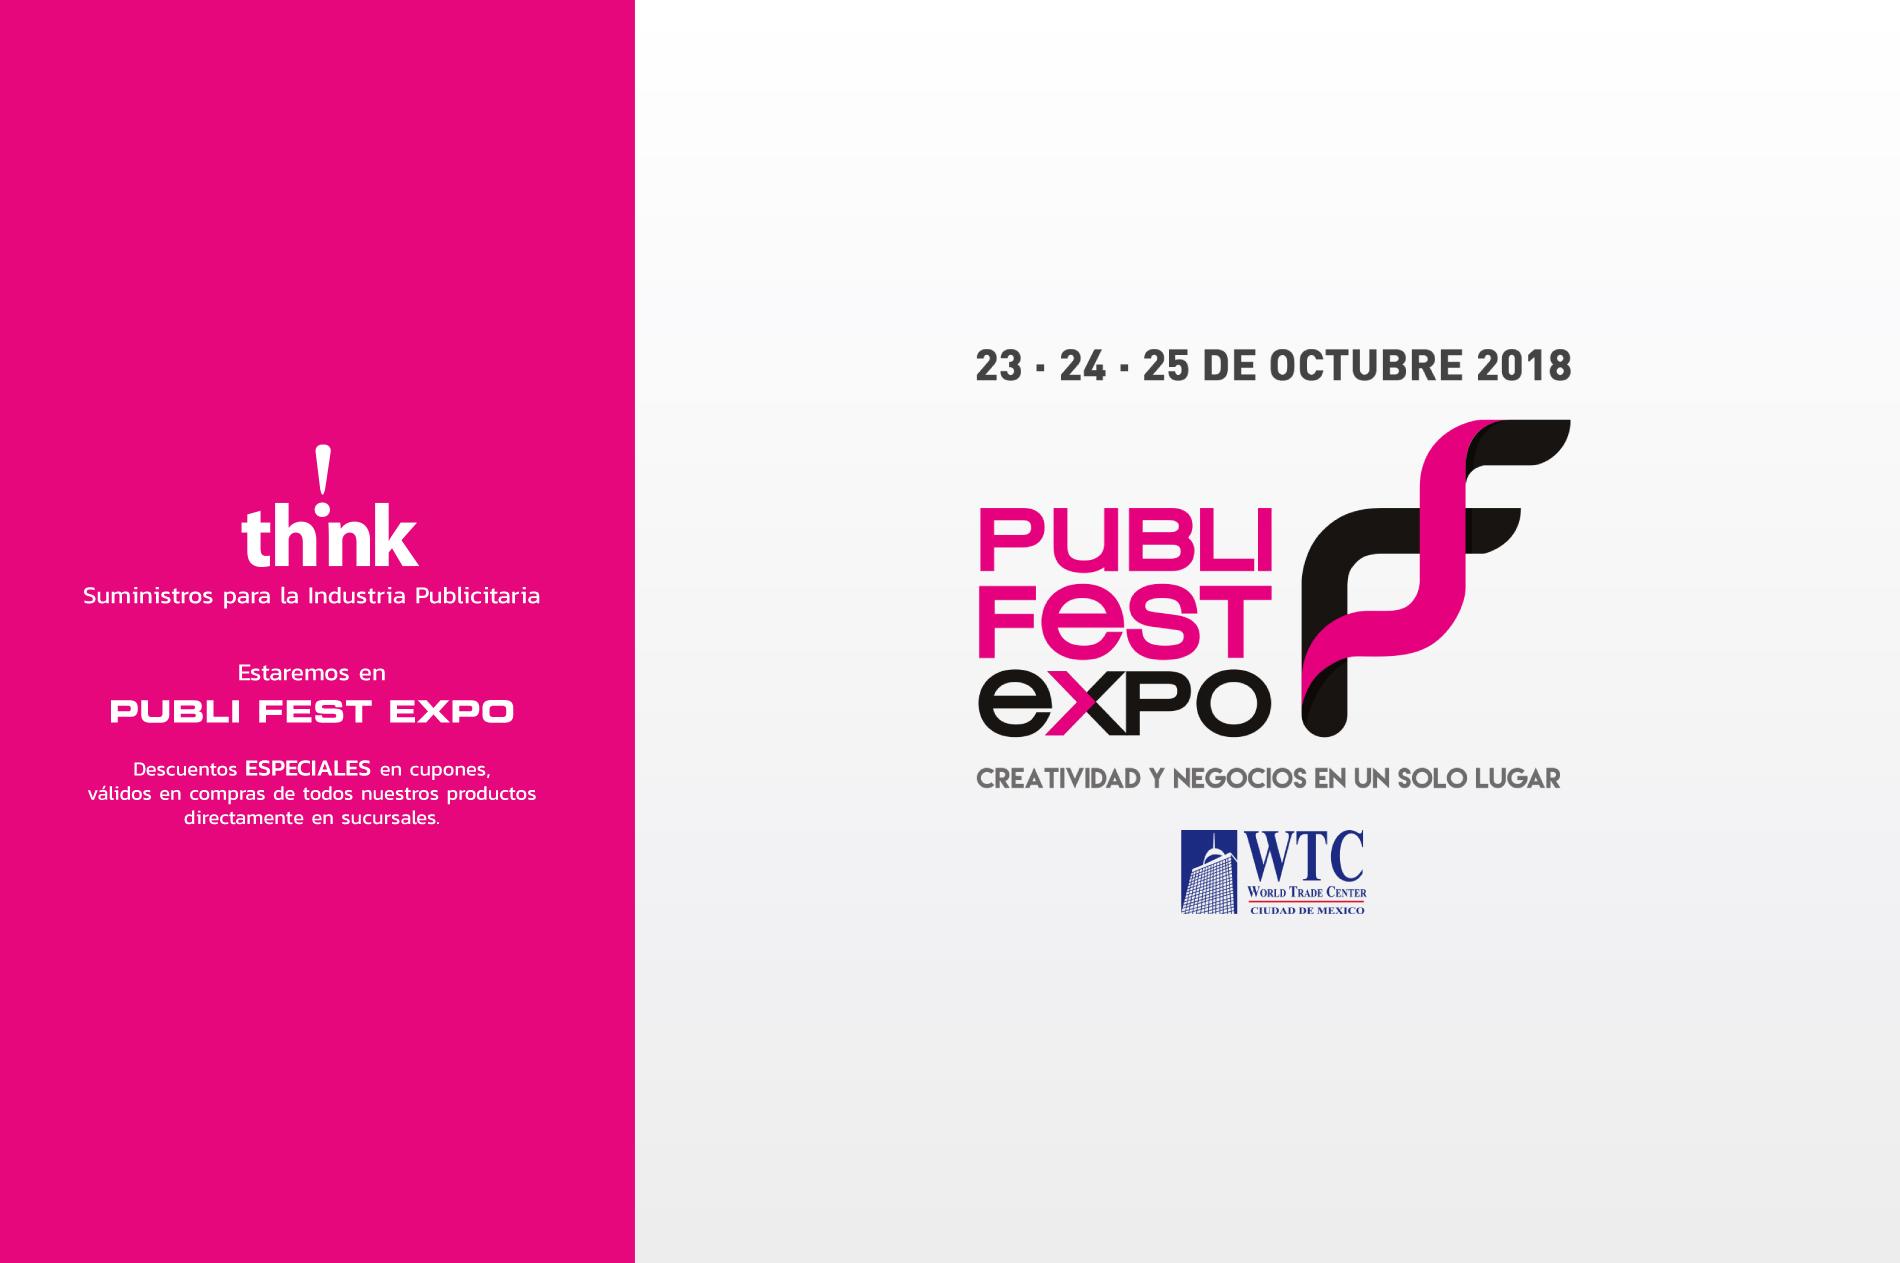 publifest-expo